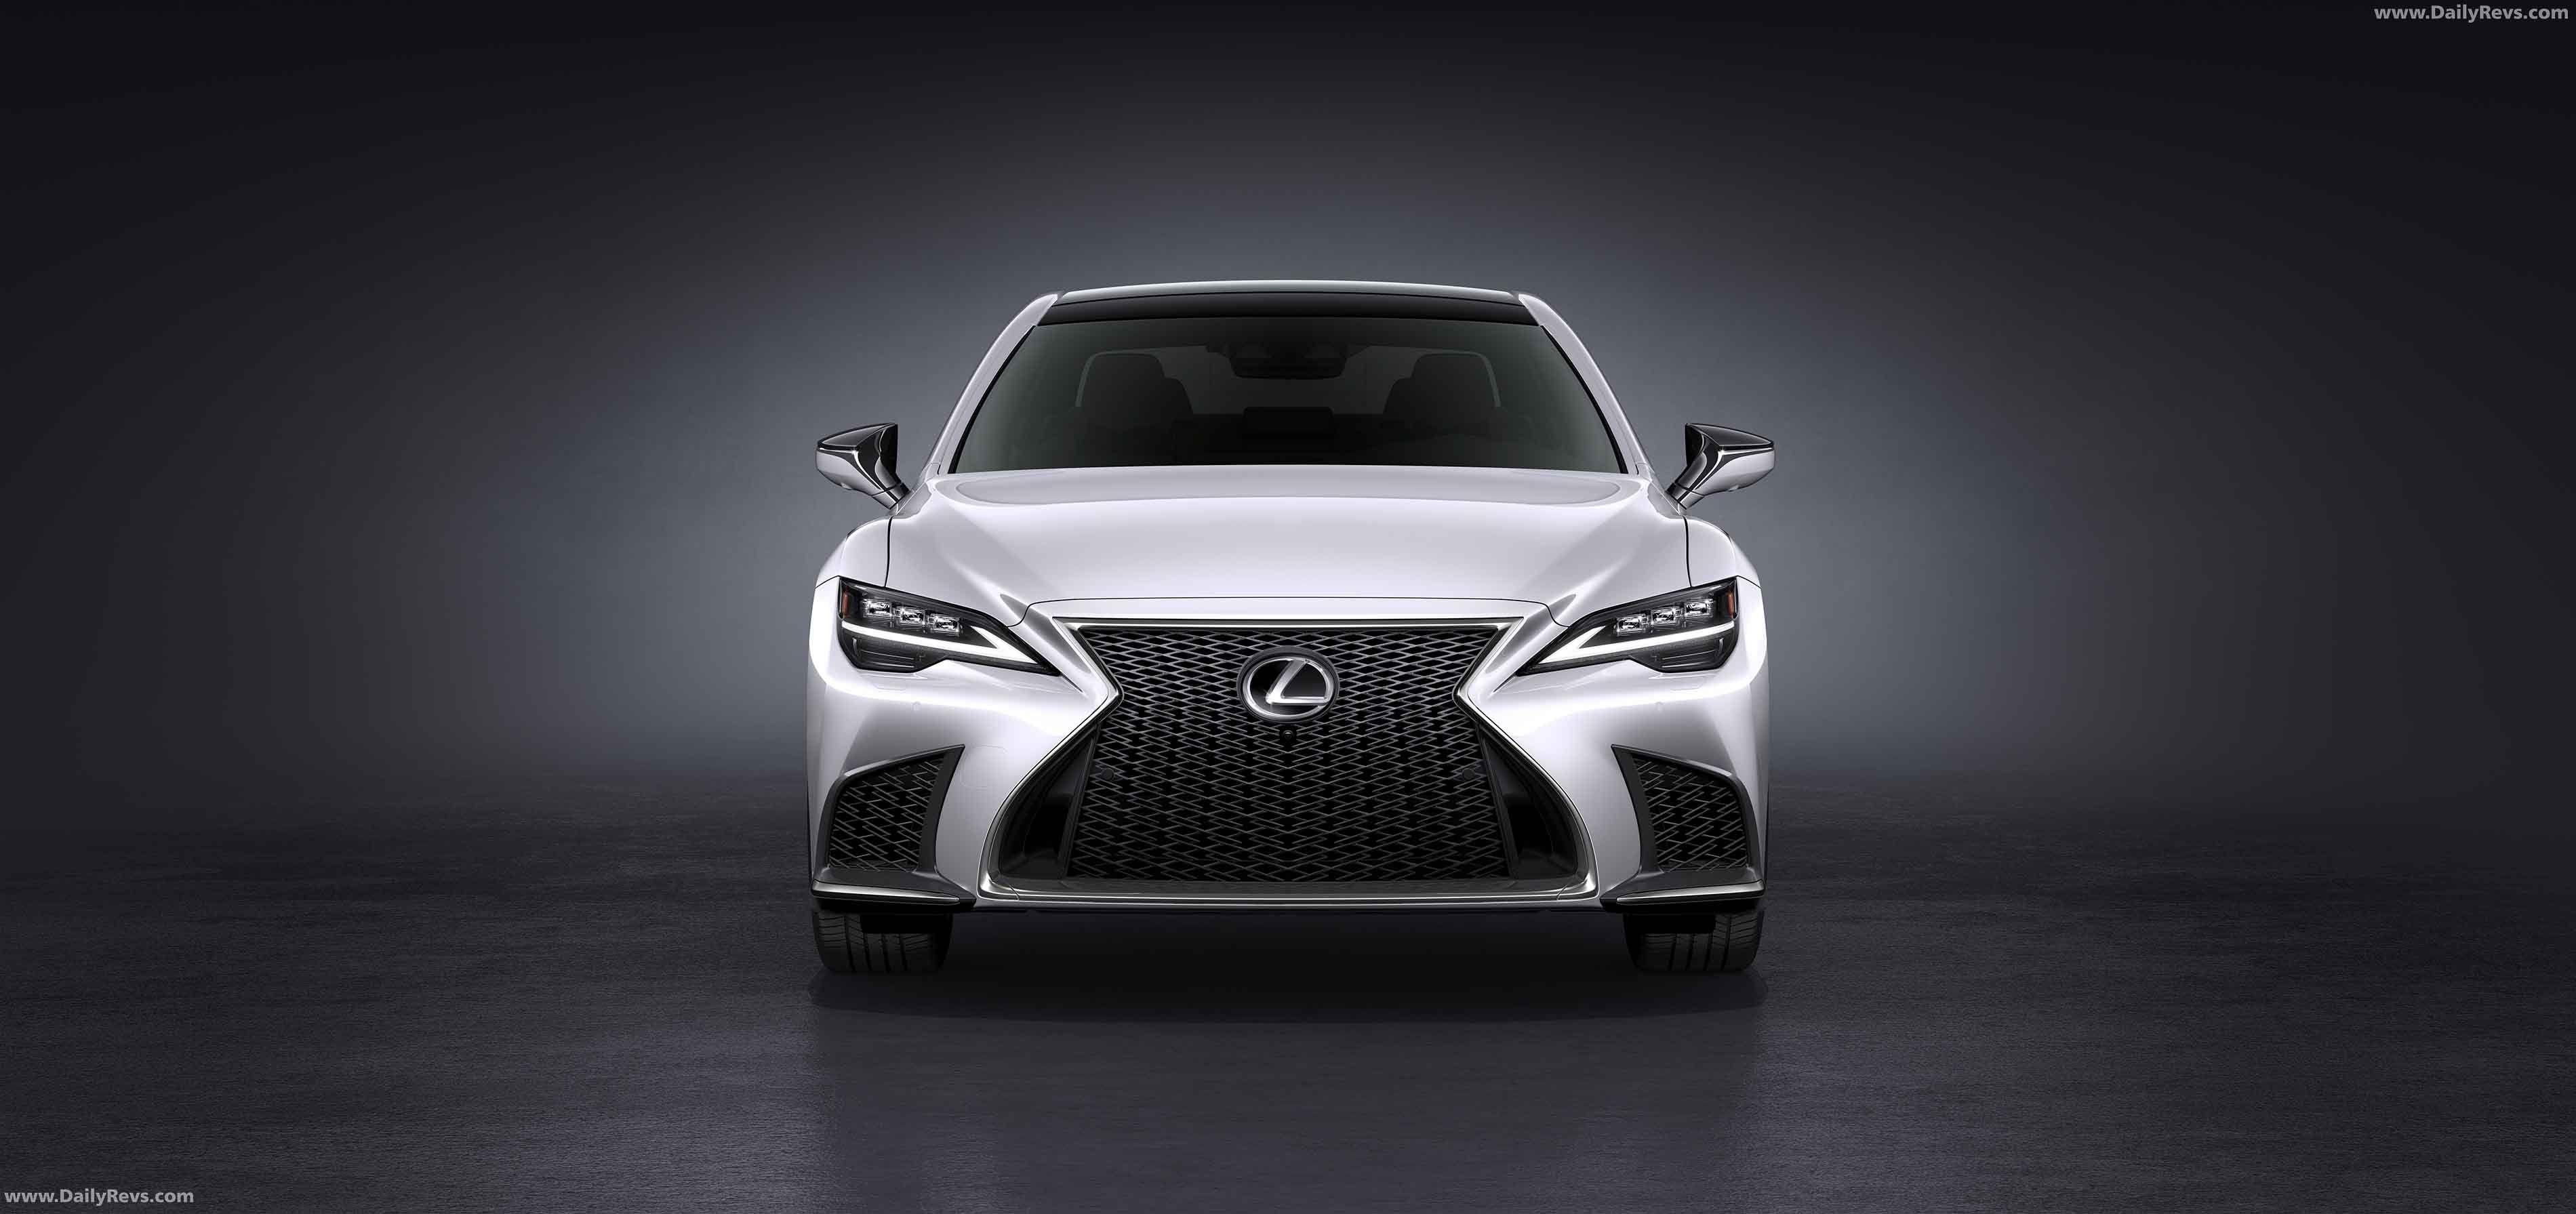 2021 Lexus LS Dailyrevs in 2020 Lexus ls, Lexus, New lexus